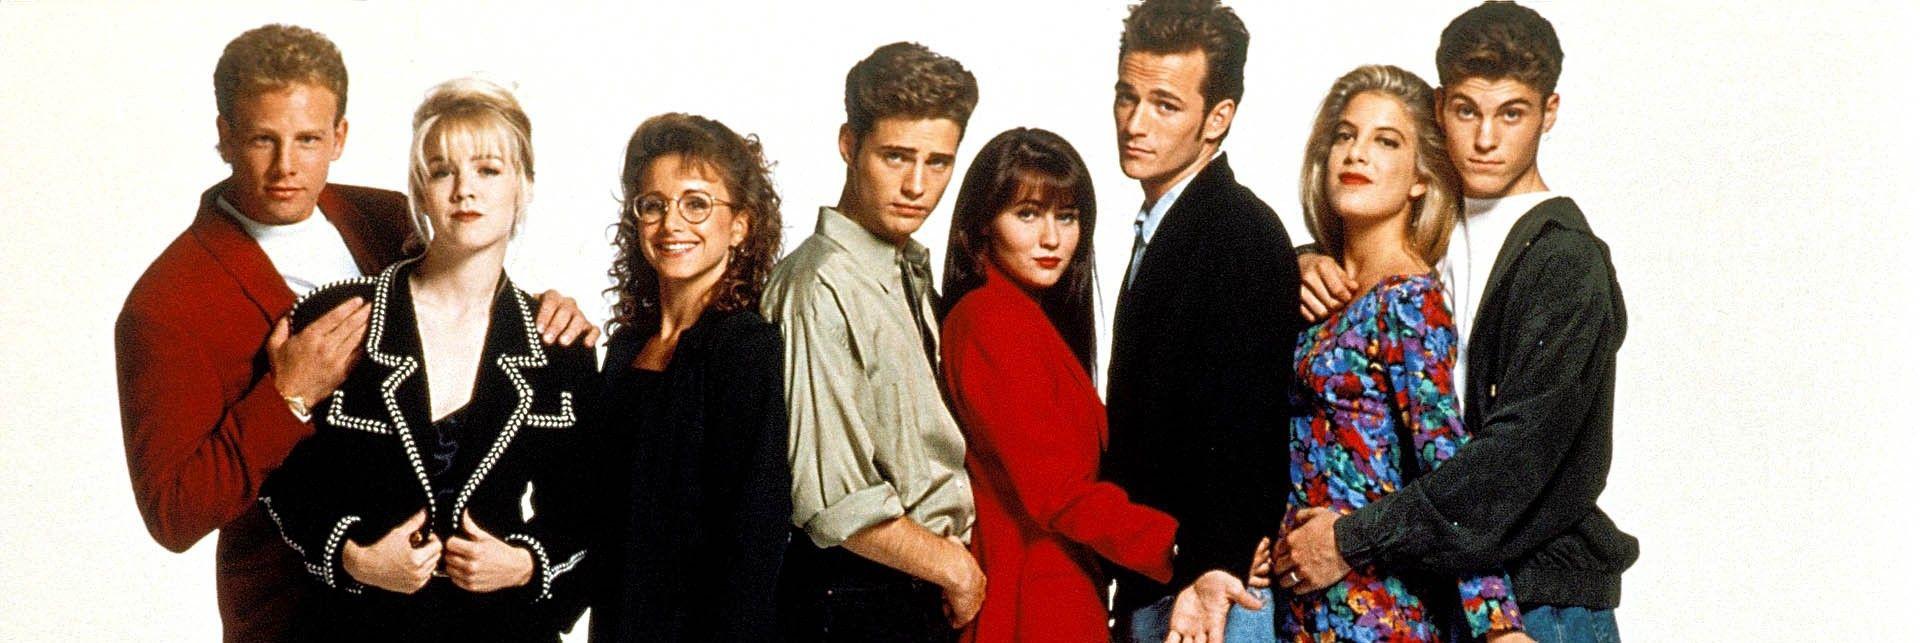 Gli anni 90: i flop e i top